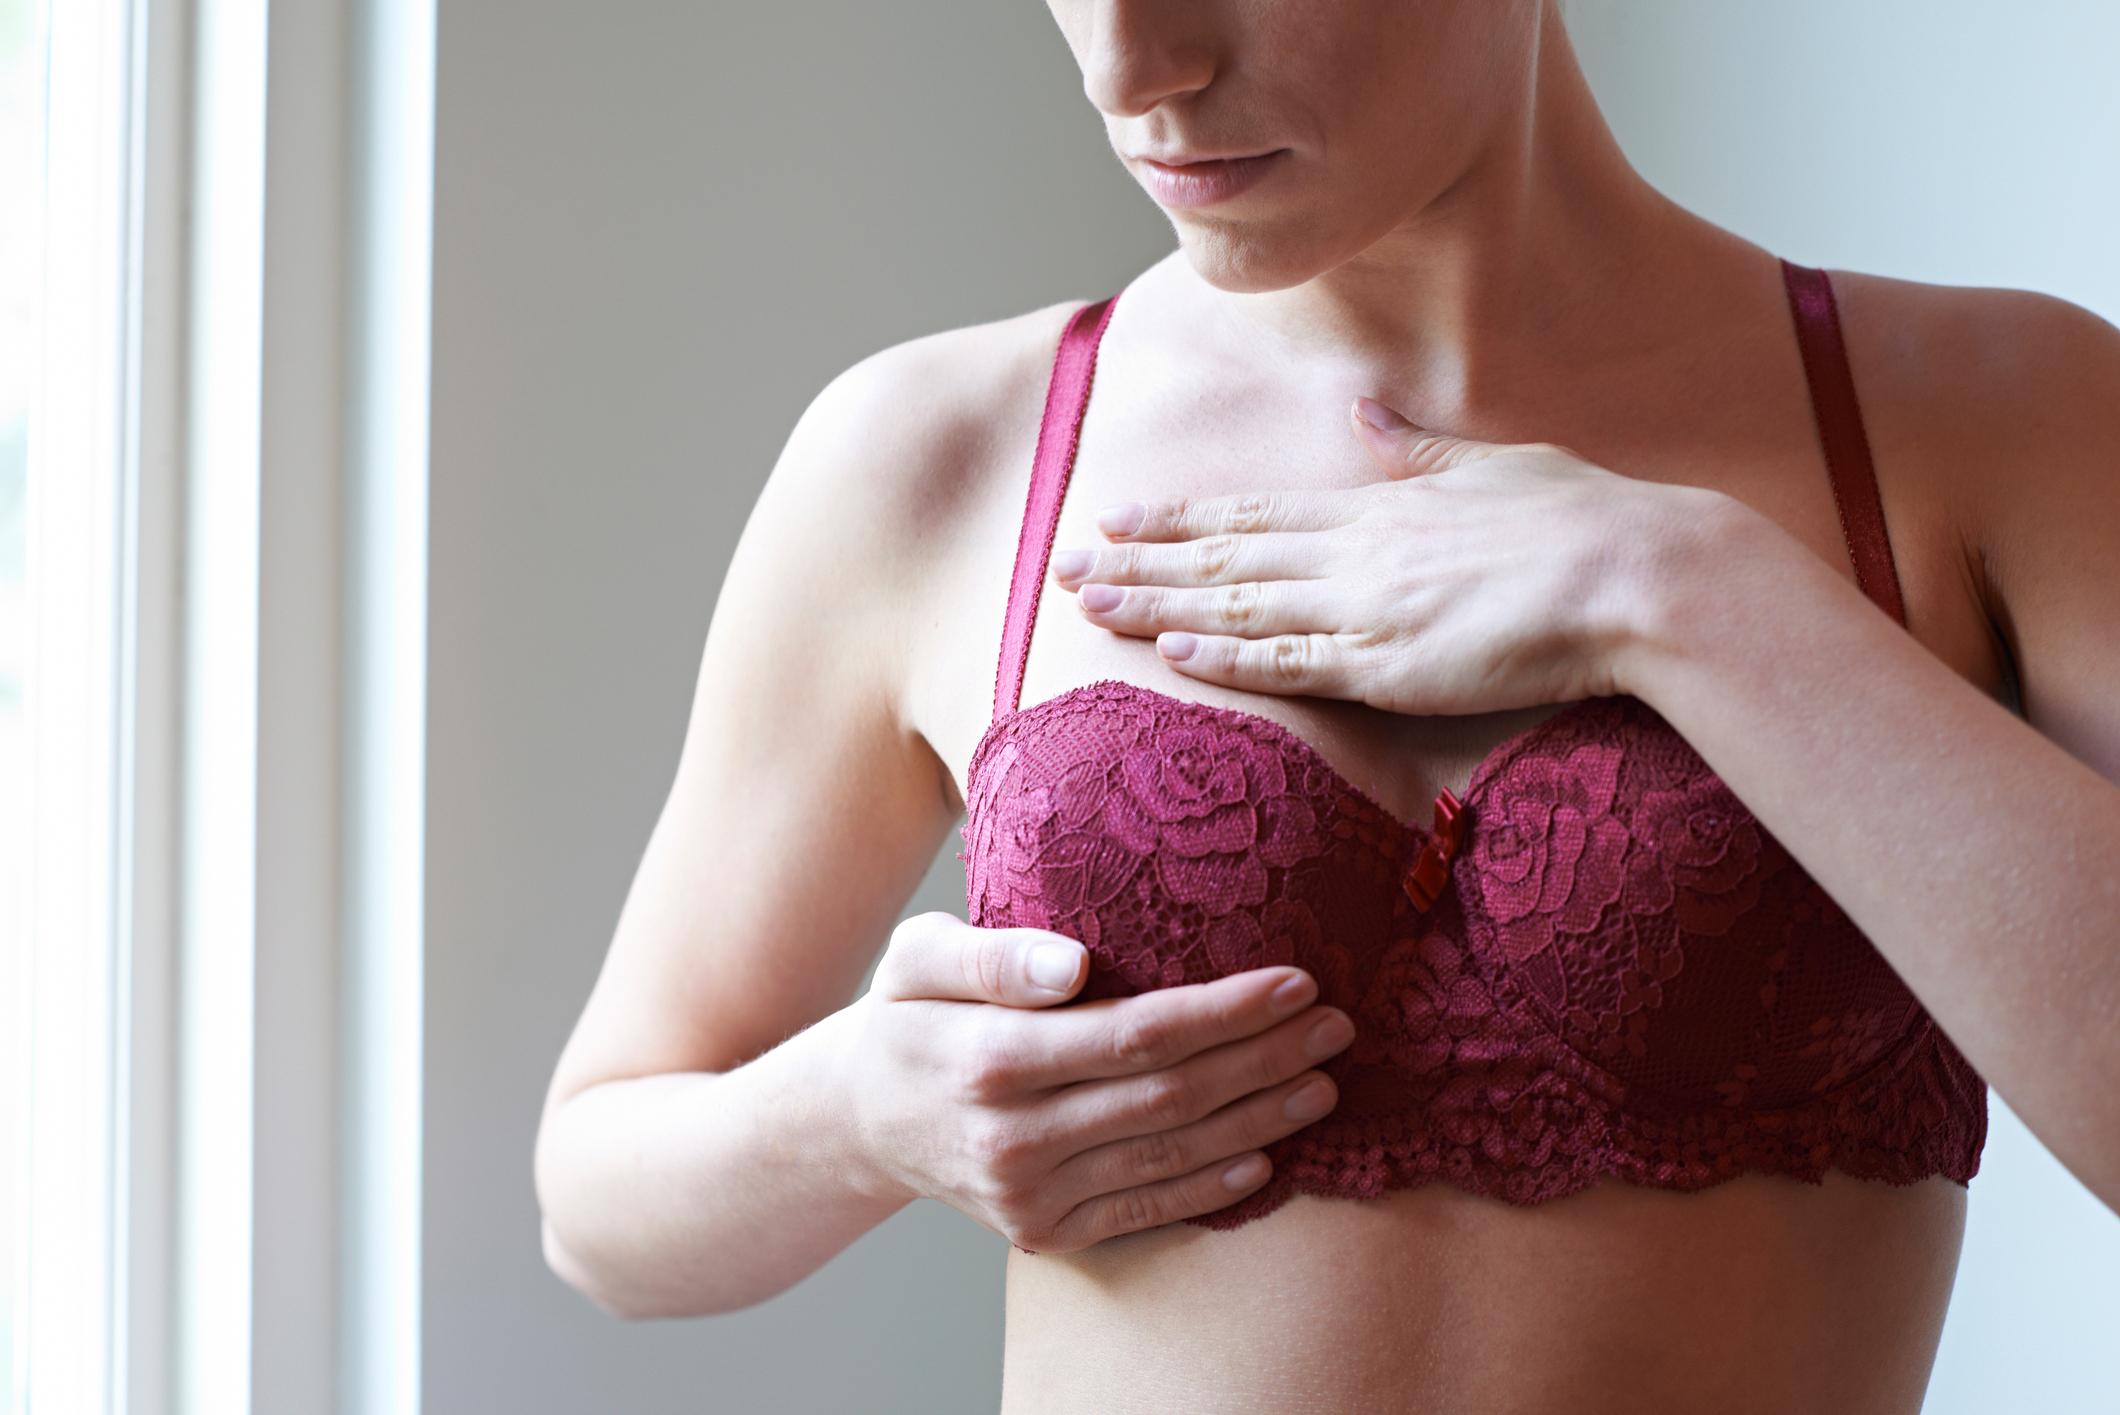 U Hrvatskoj svaki dan od raka dojke umru dvije do tri žene. To znači da svaka deseta žena ima izglede oboljeti od ove maligne bolesti. Stoga ovakve vijesti zvuče spektakularno!